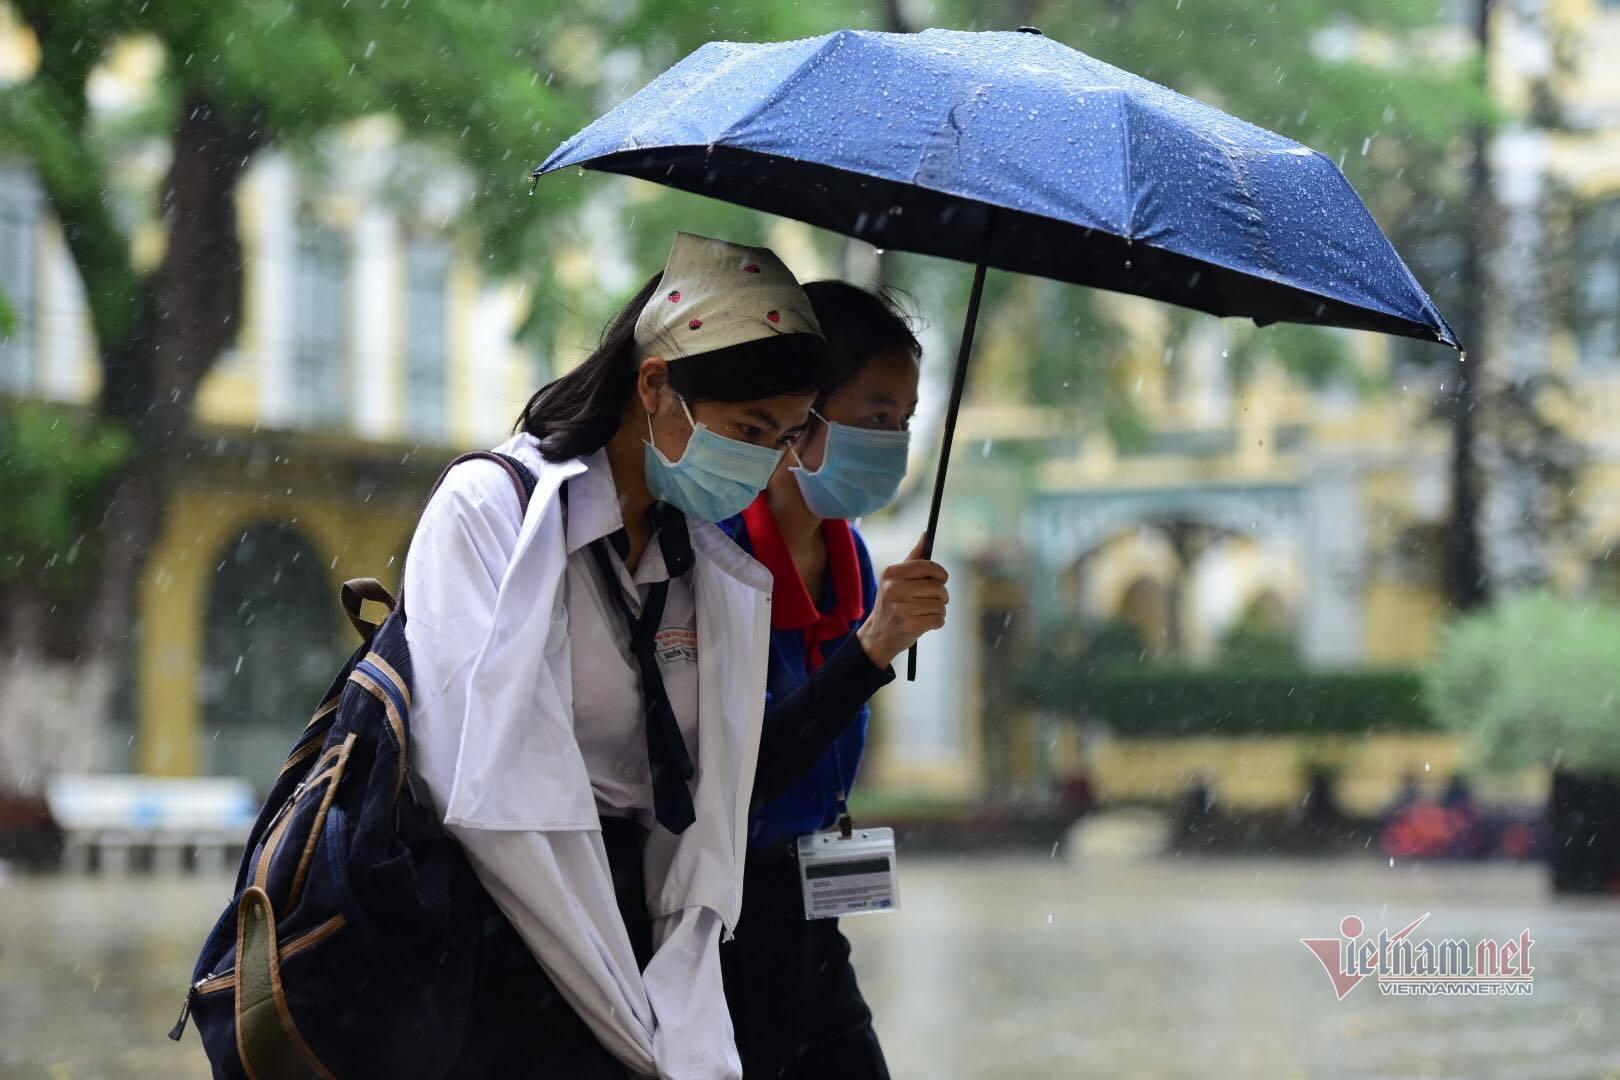 Thí sinh đến trường thi môn Toán trong cơn mưa